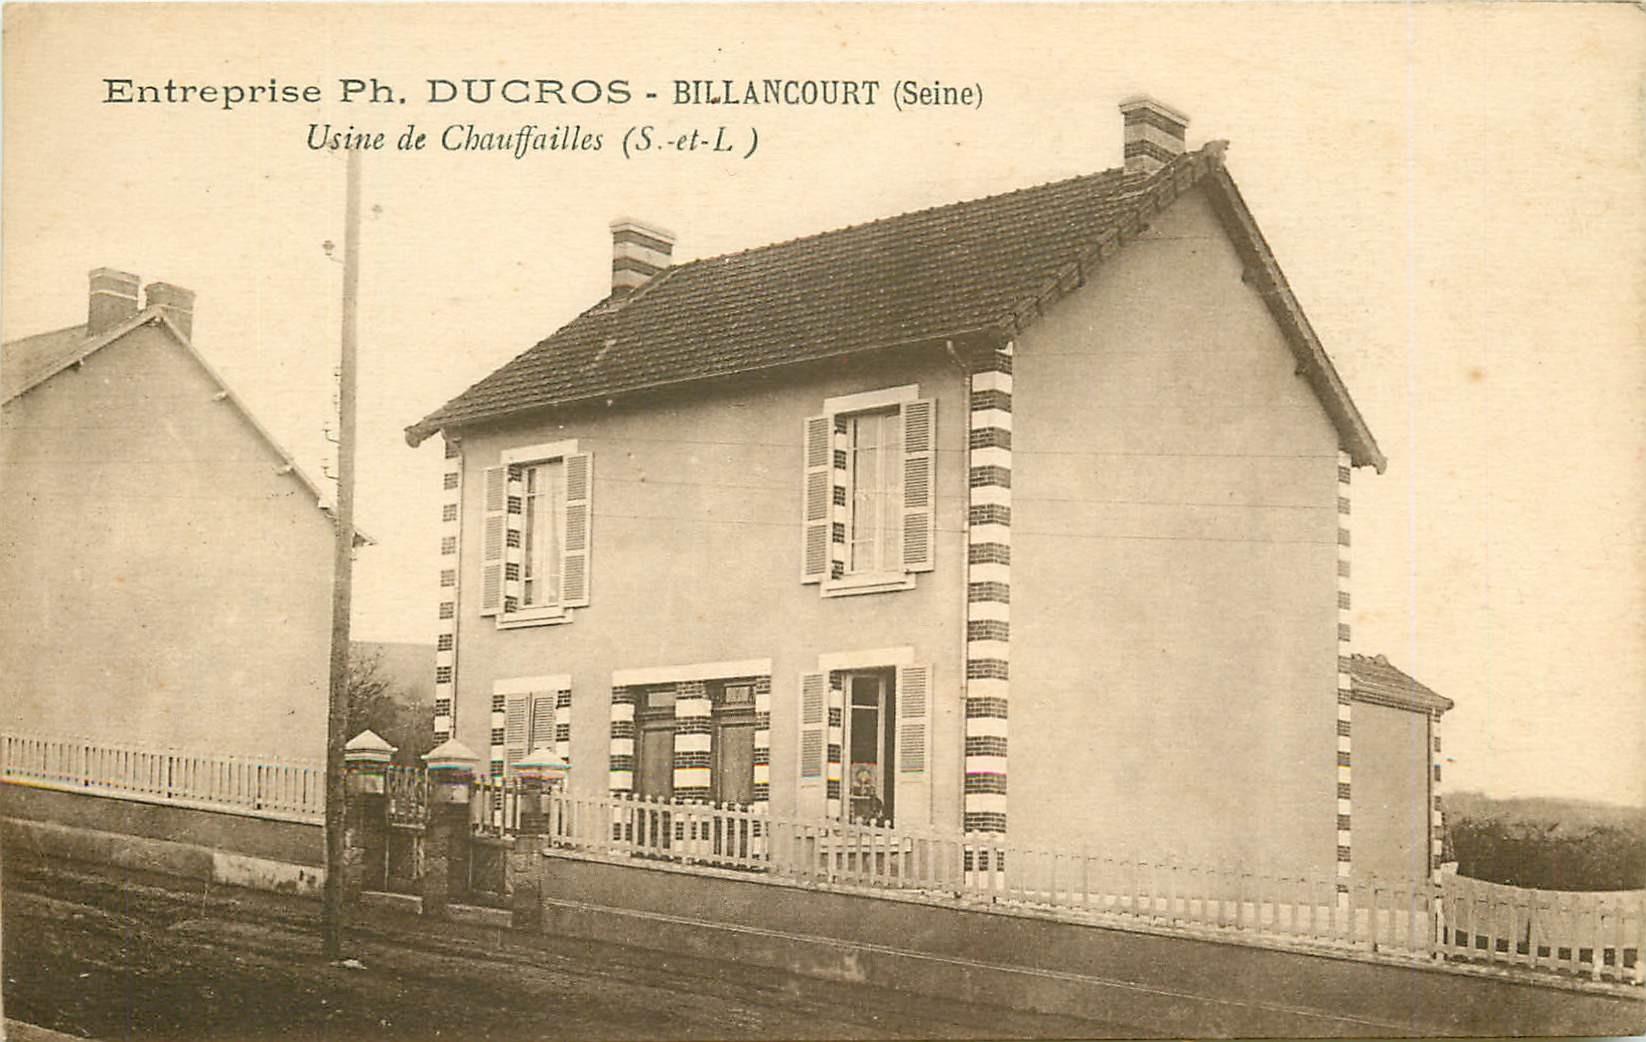 WW 71 BILLANCOURT. Usine de Chauffailles de l'Entreprise Ducros